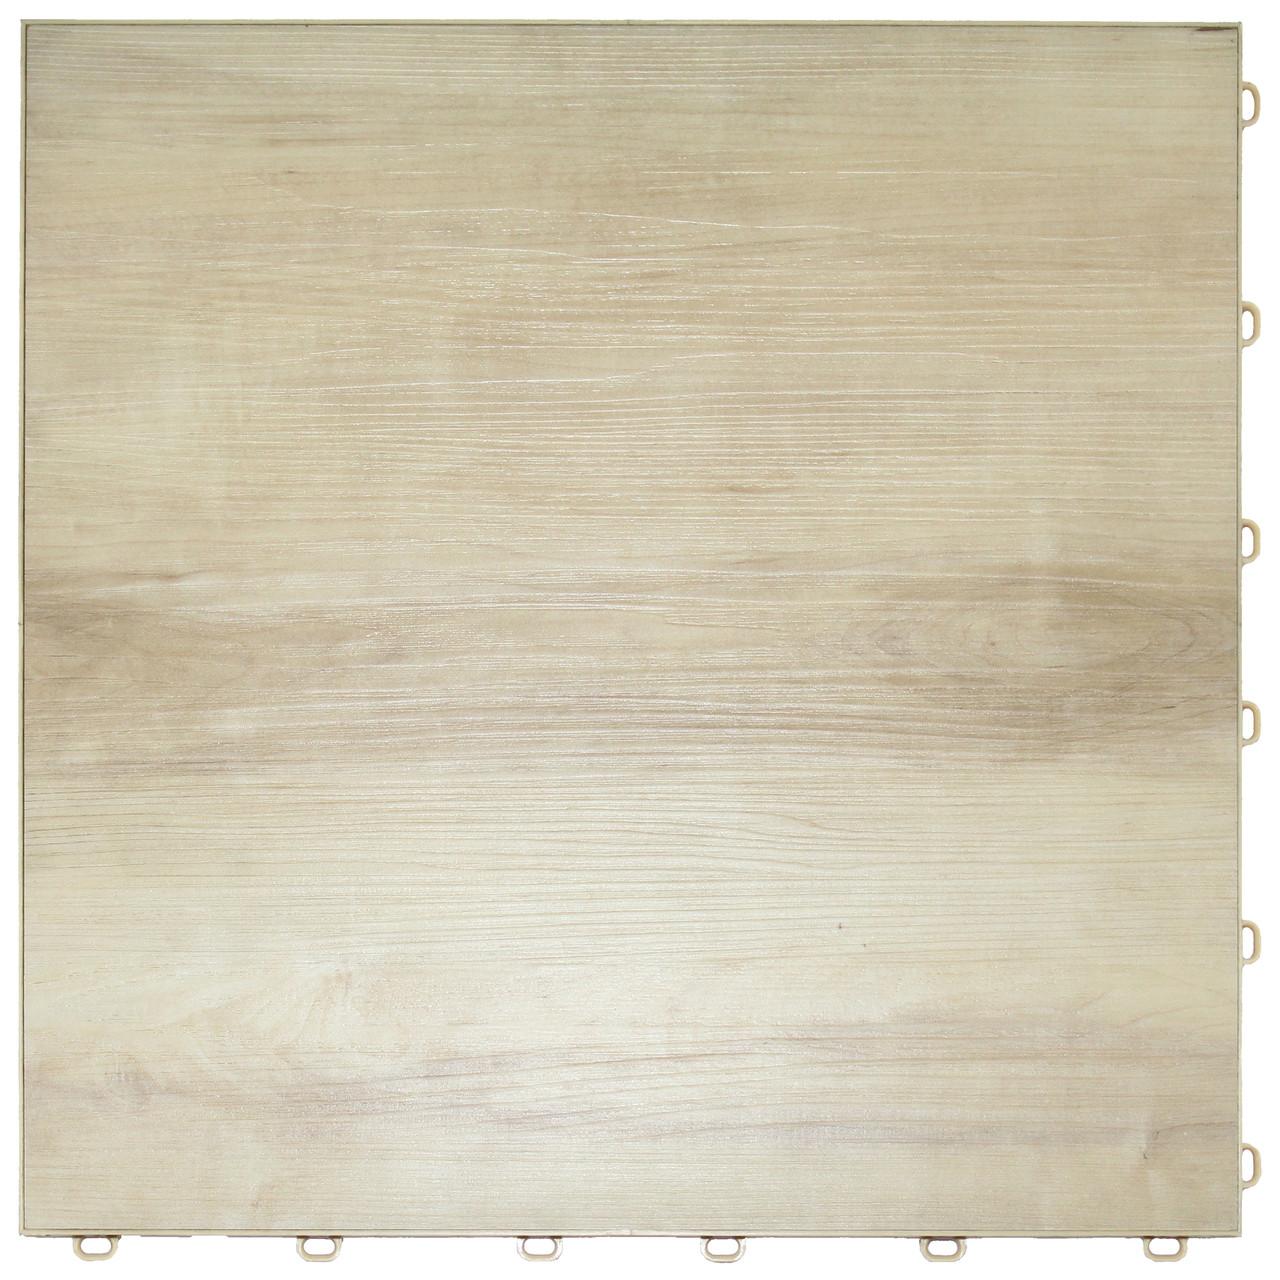 """Light Maple Vinyltrax Garage Floor Tile - """"Only $6.36 Per S/F"""" (Tile Size: 15 3/4"""" x 15 3/4"""")"""